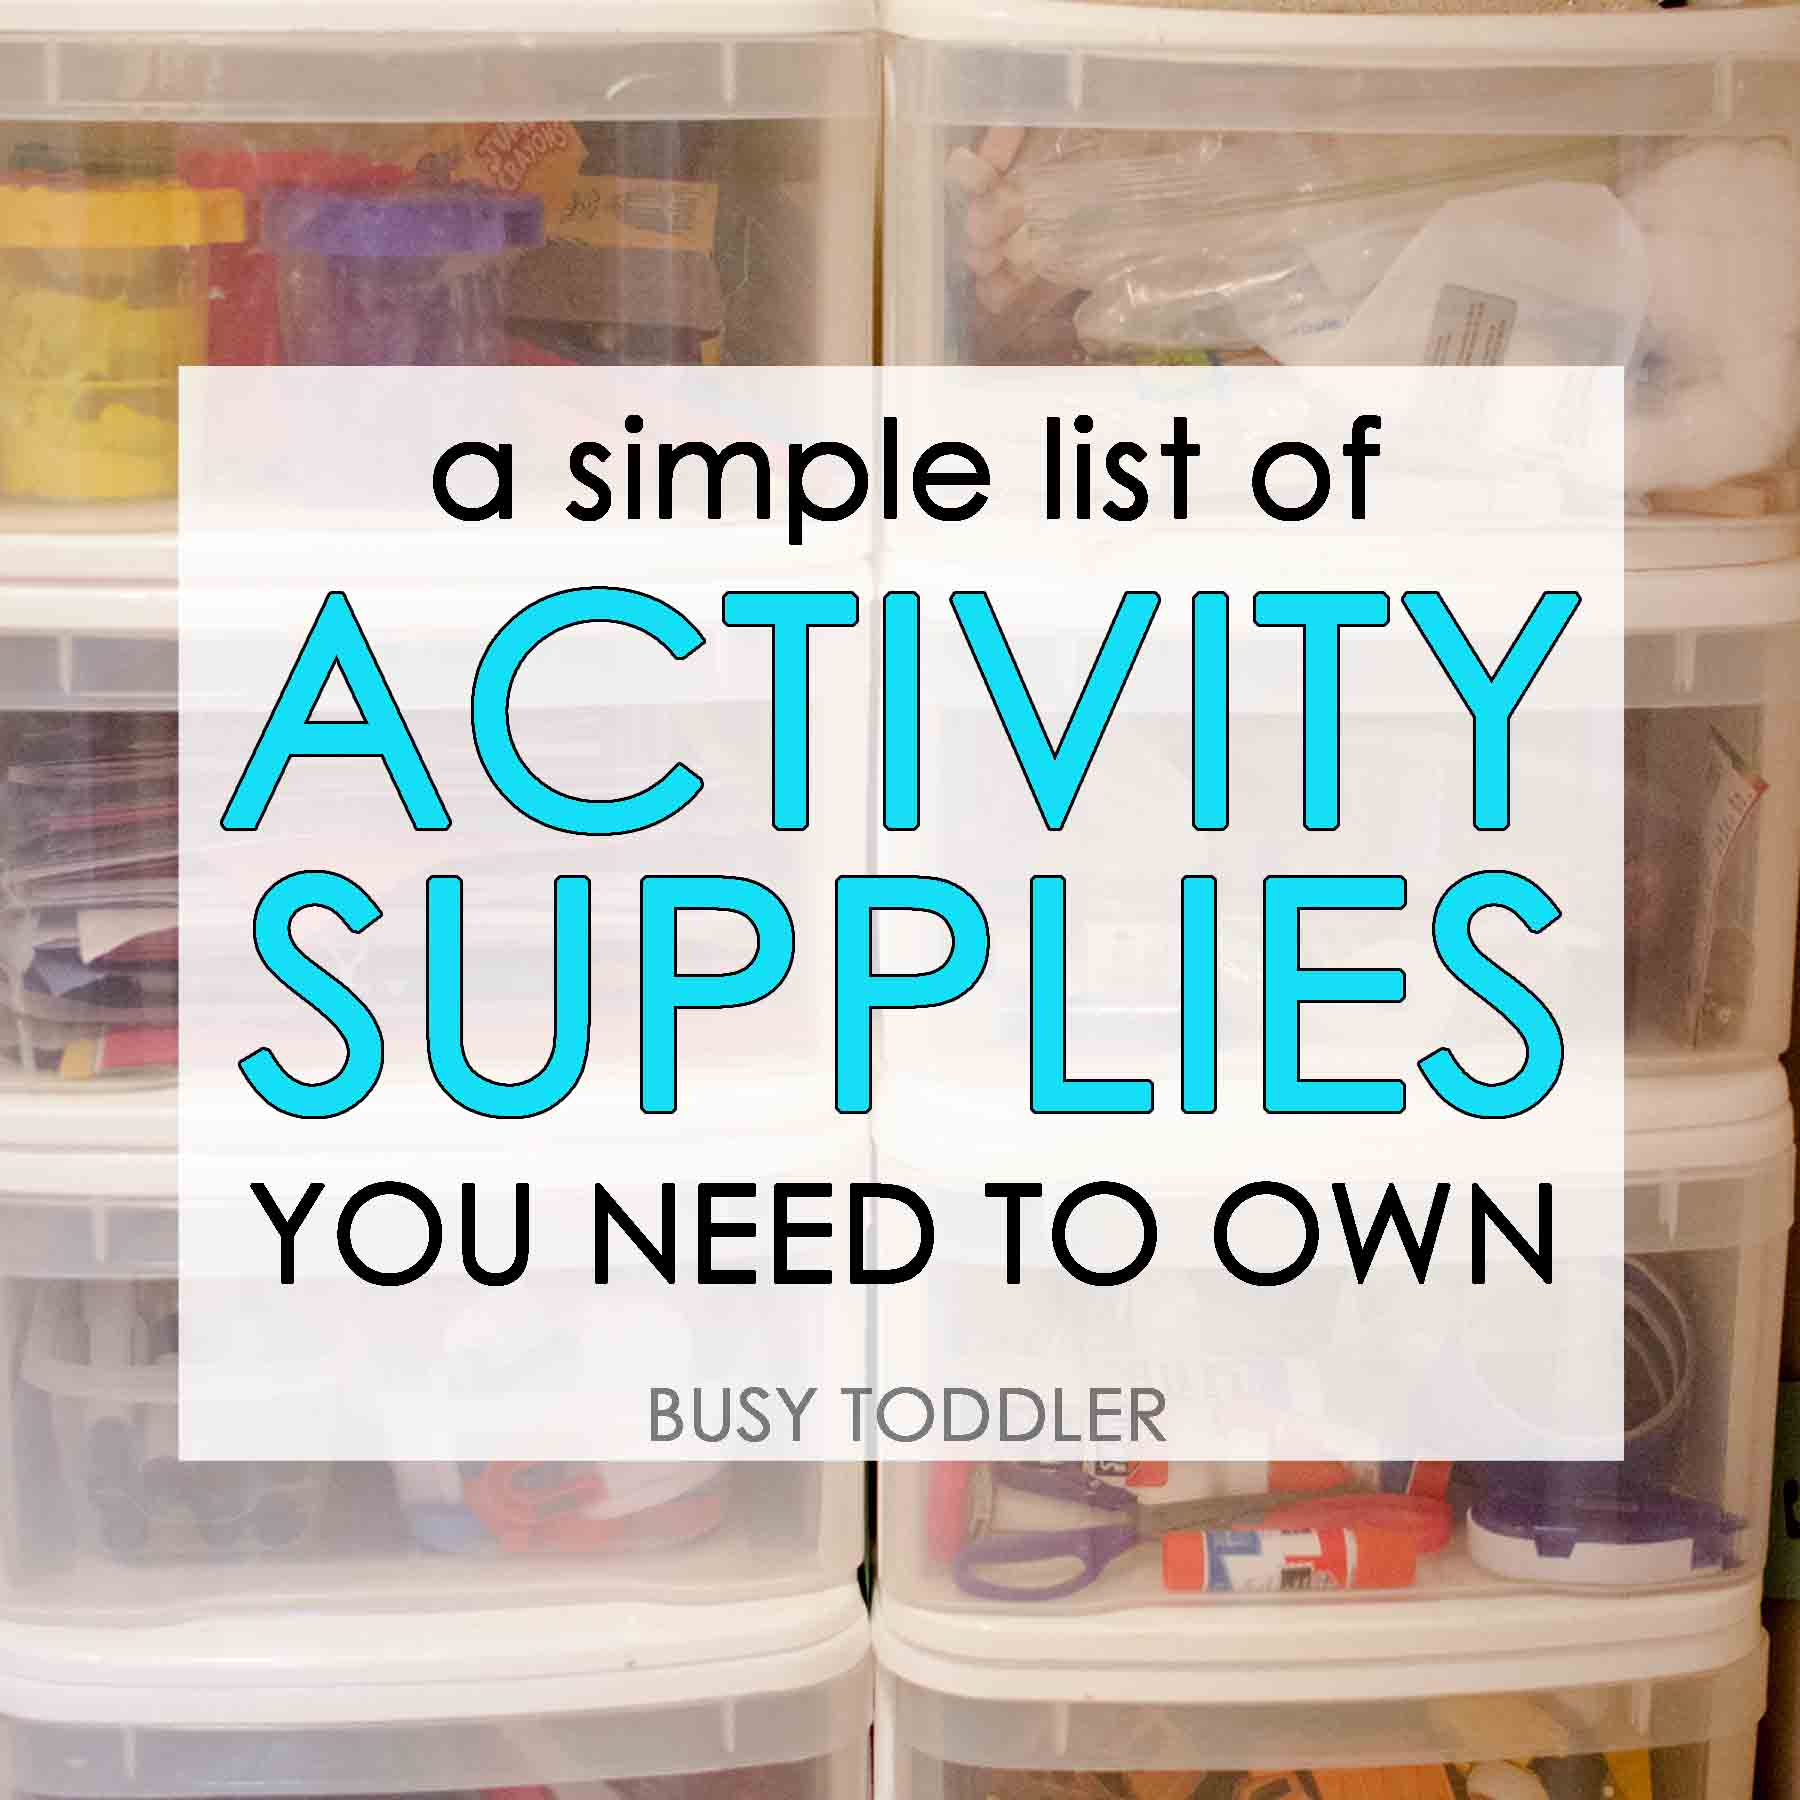 Les meilleures fournitures d'activités pour les tout-petits: que devez-vous posséder pour faire presque toutes les activités de tout-petits occupés? Consultez cette liste impressionnante de toutes les fournitures pour les activités faciles pour les tout-petits.